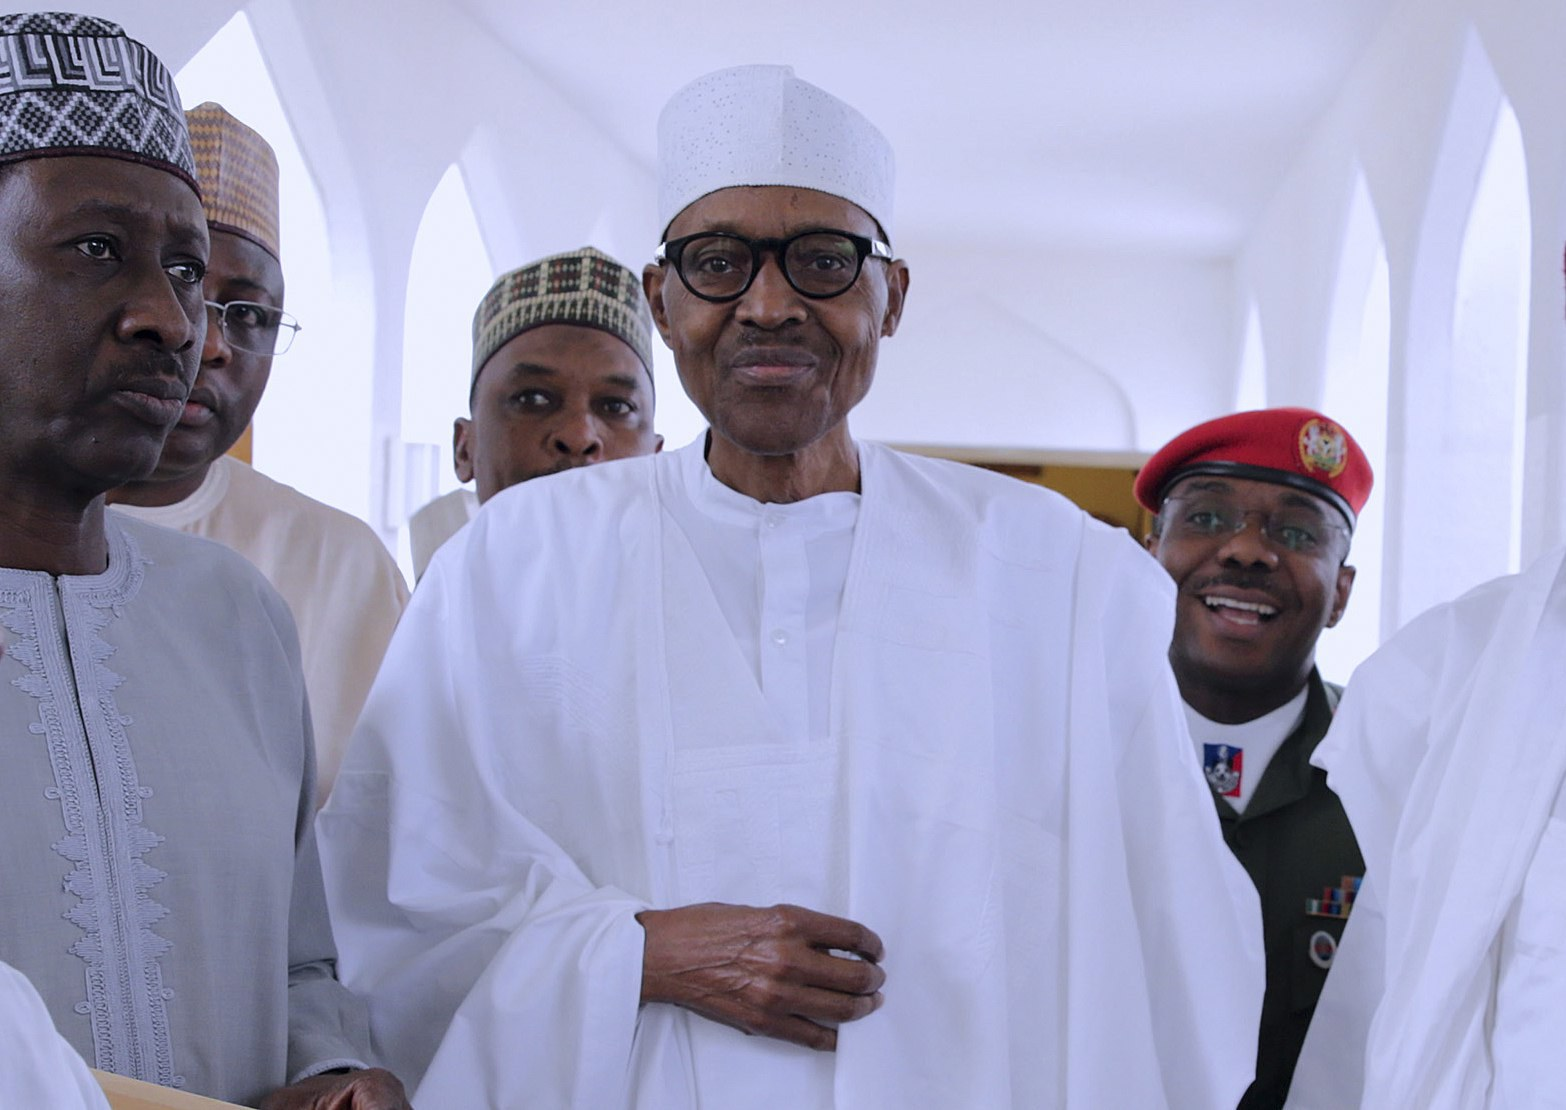 Presidente da Nigéria anuncia reforço da campanha contra o Boko Haram